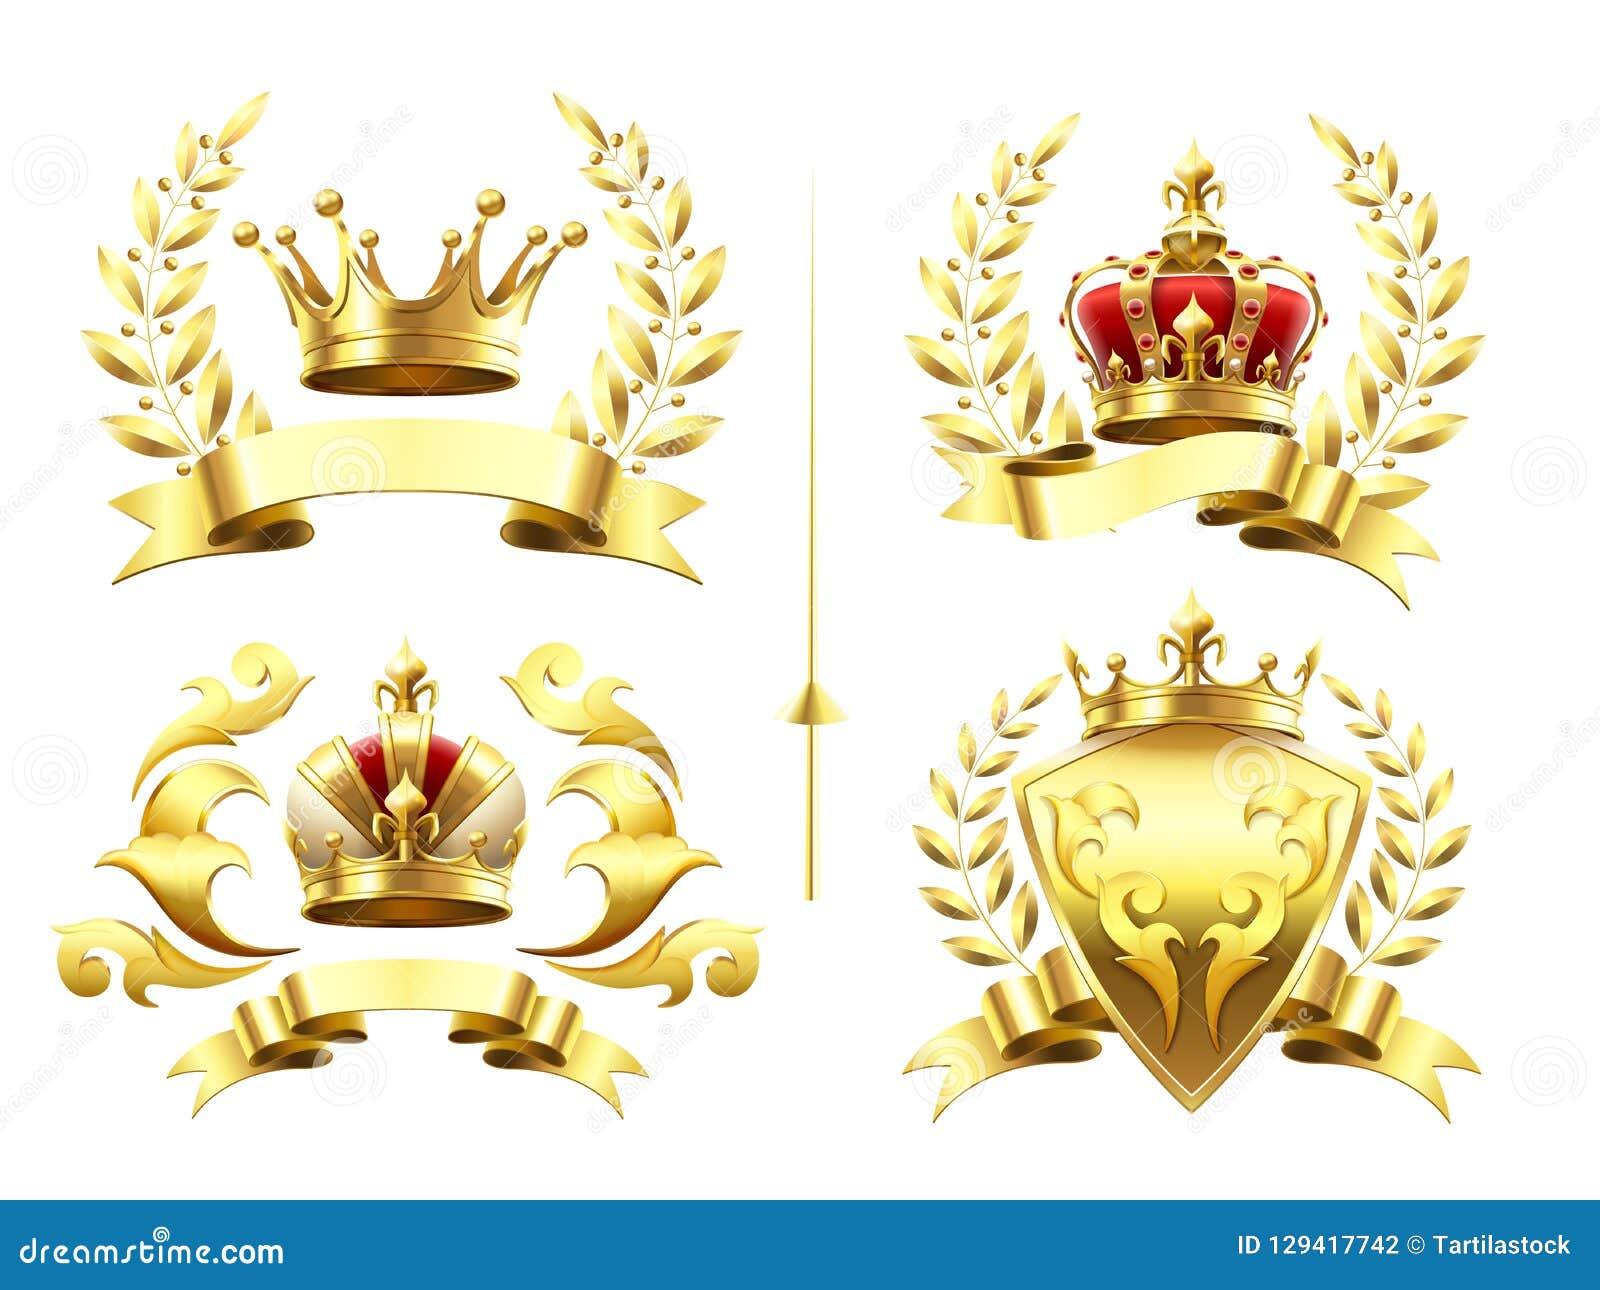 现实纹章学象征 与金黄冠、金加冠的奖牌和象征的权威与在盾3d的皇家冠